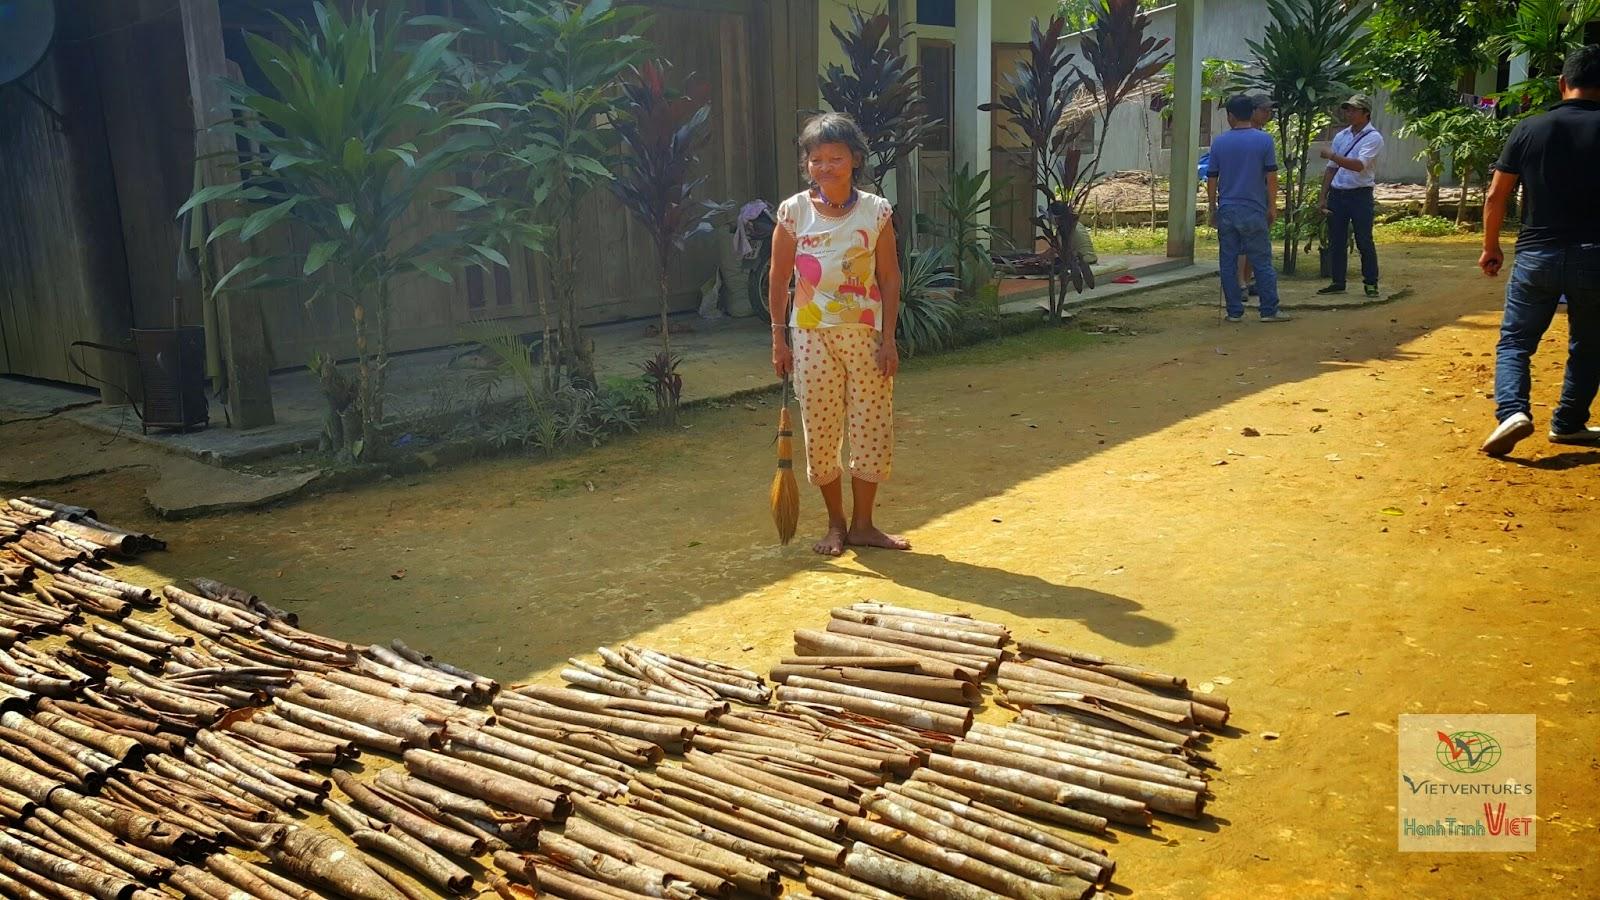 Du lịch cộng đồng thôn Dhroong, Đông Giang, Quảng Nam